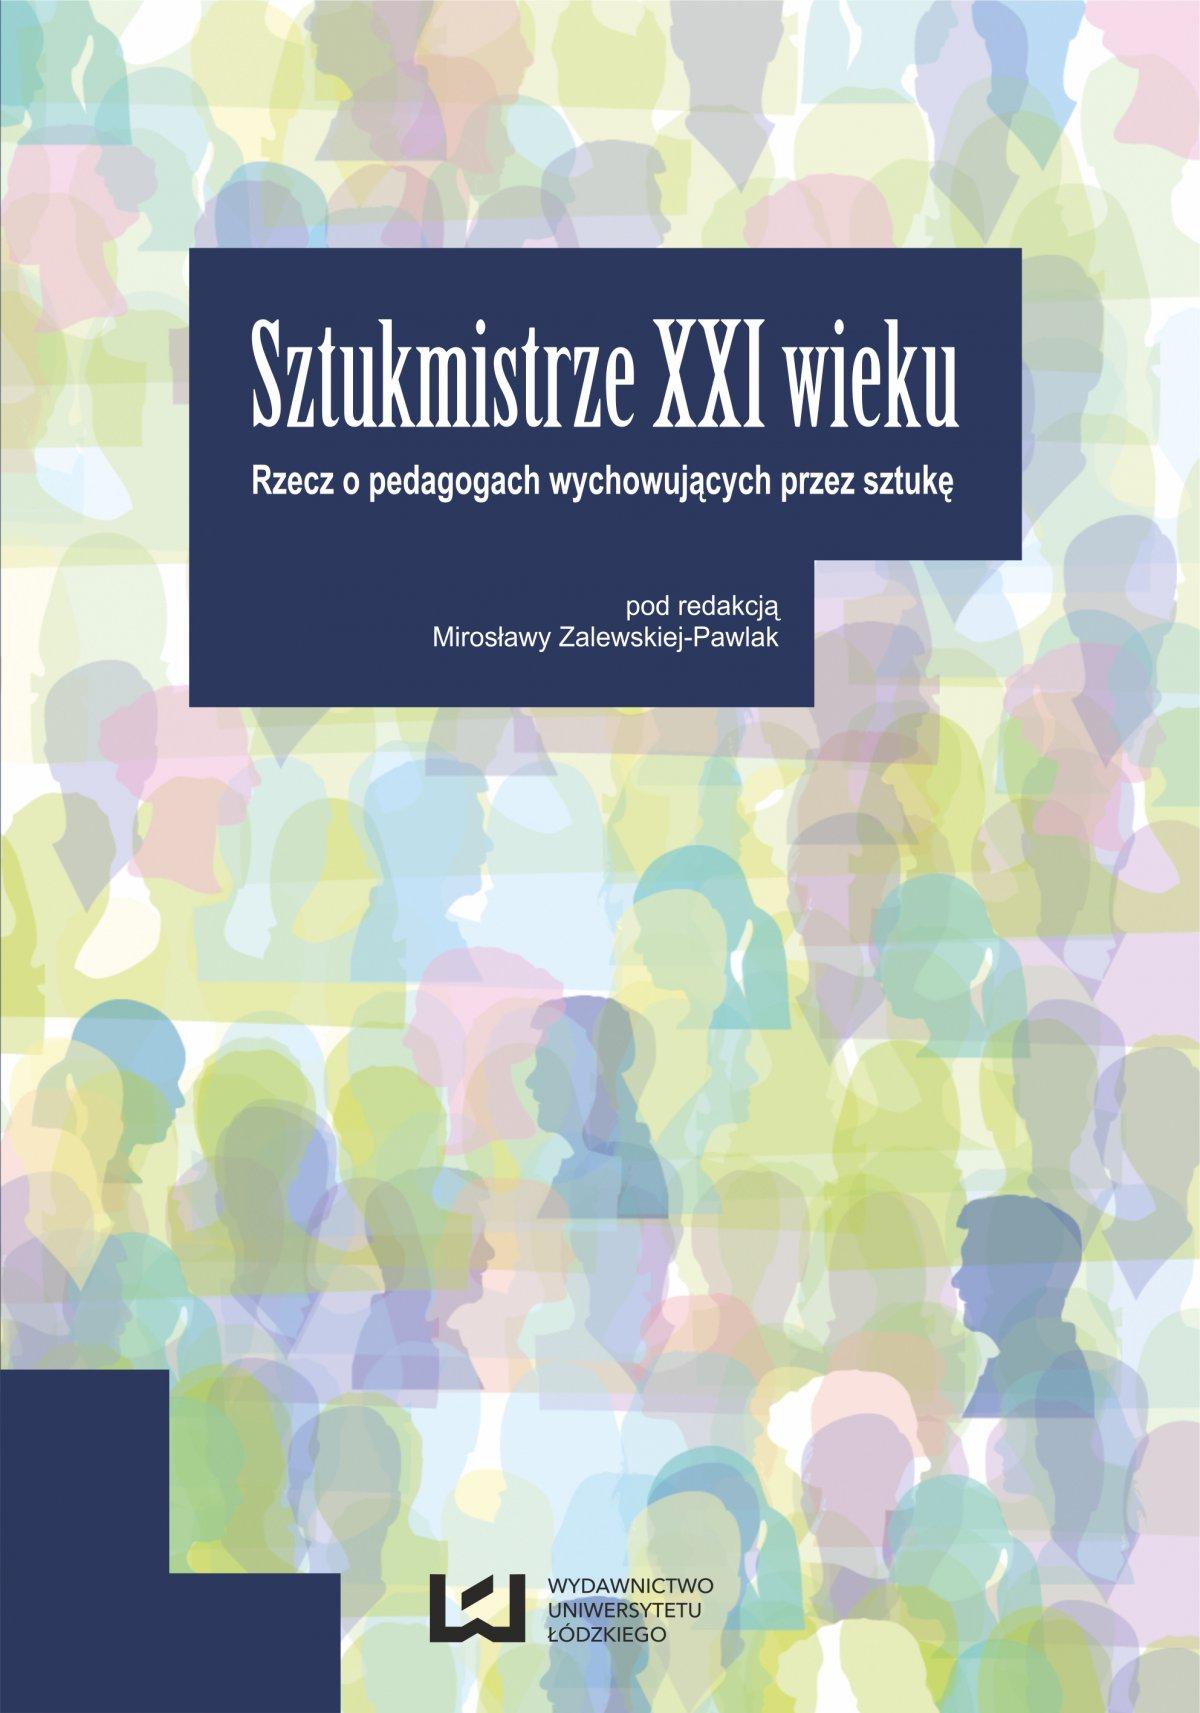 Sztukmistrze XXI wieku. Rzecz o pedagogach wychowujących przez sztukę - Ebook (Książka PDF) do pobrania w formacie PDF